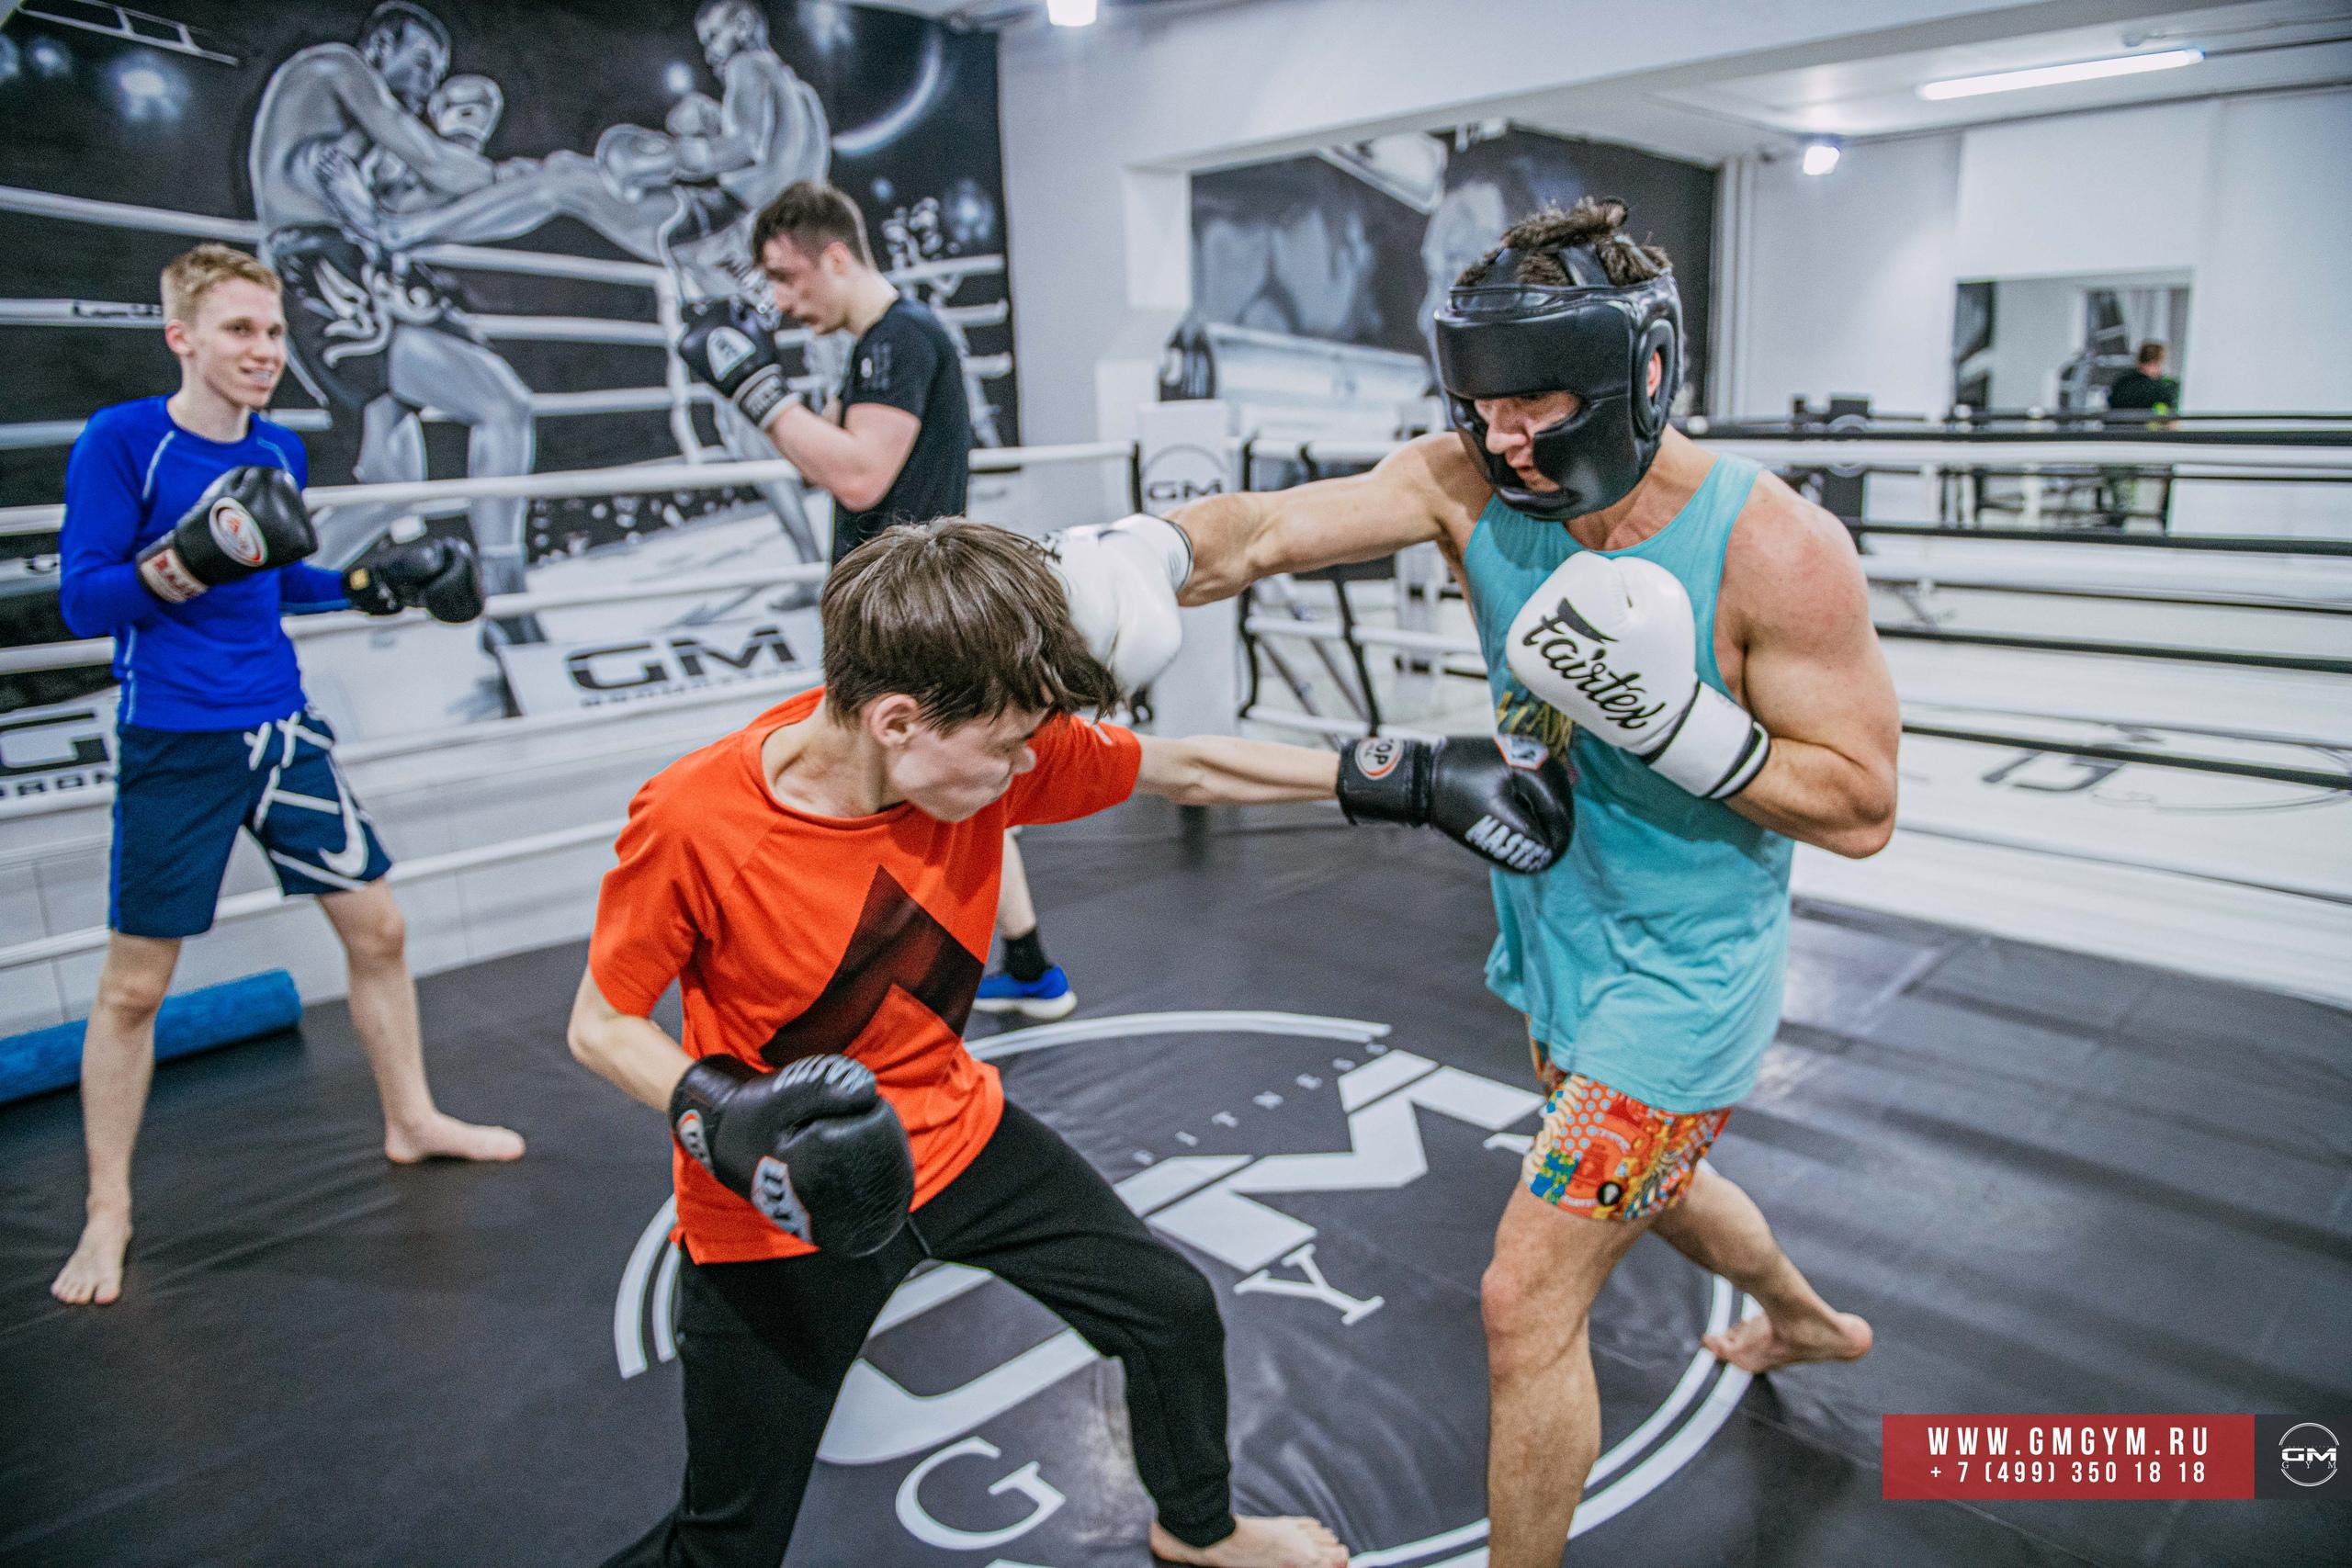 Тренеры по боксу GmGym клуб единоборств на Белорусской в Москве